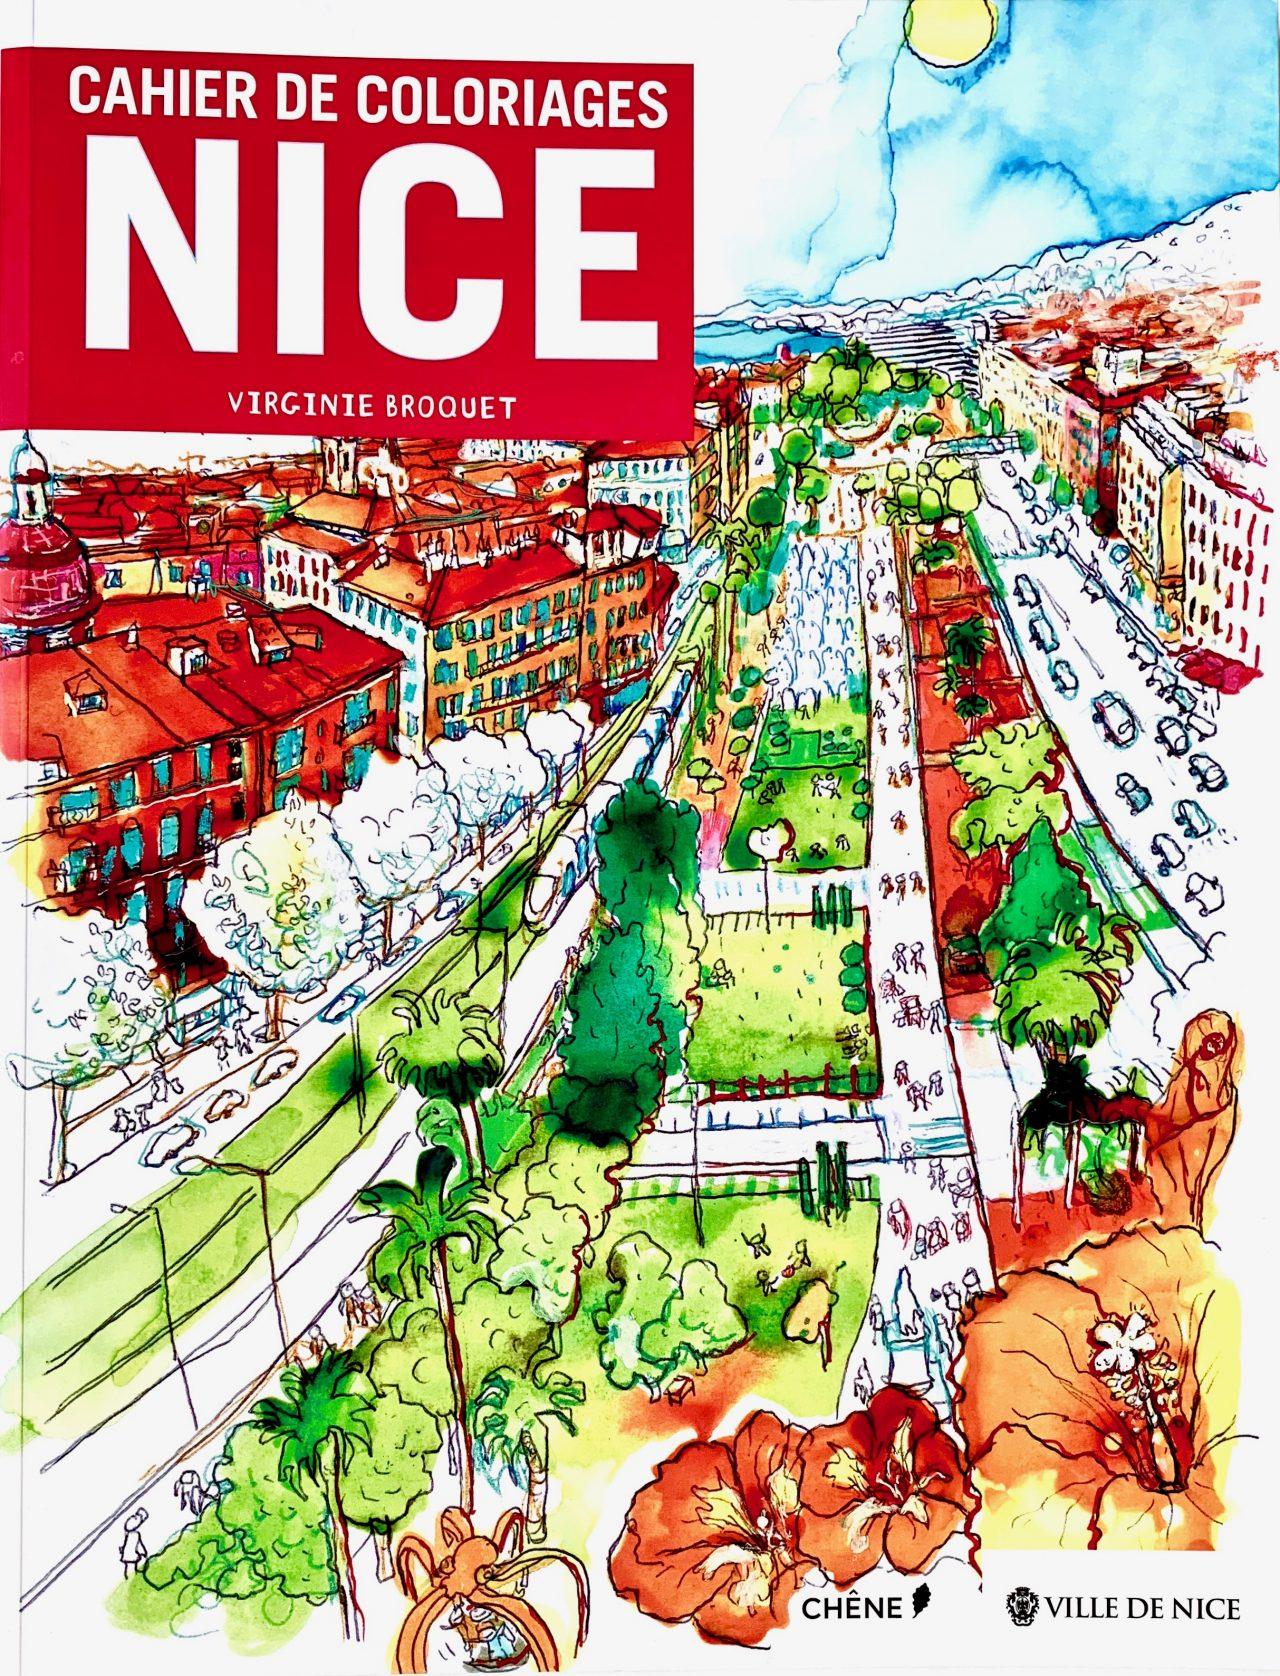 11 Cahier de coloriages Nice, éditions du Chêne, 2015